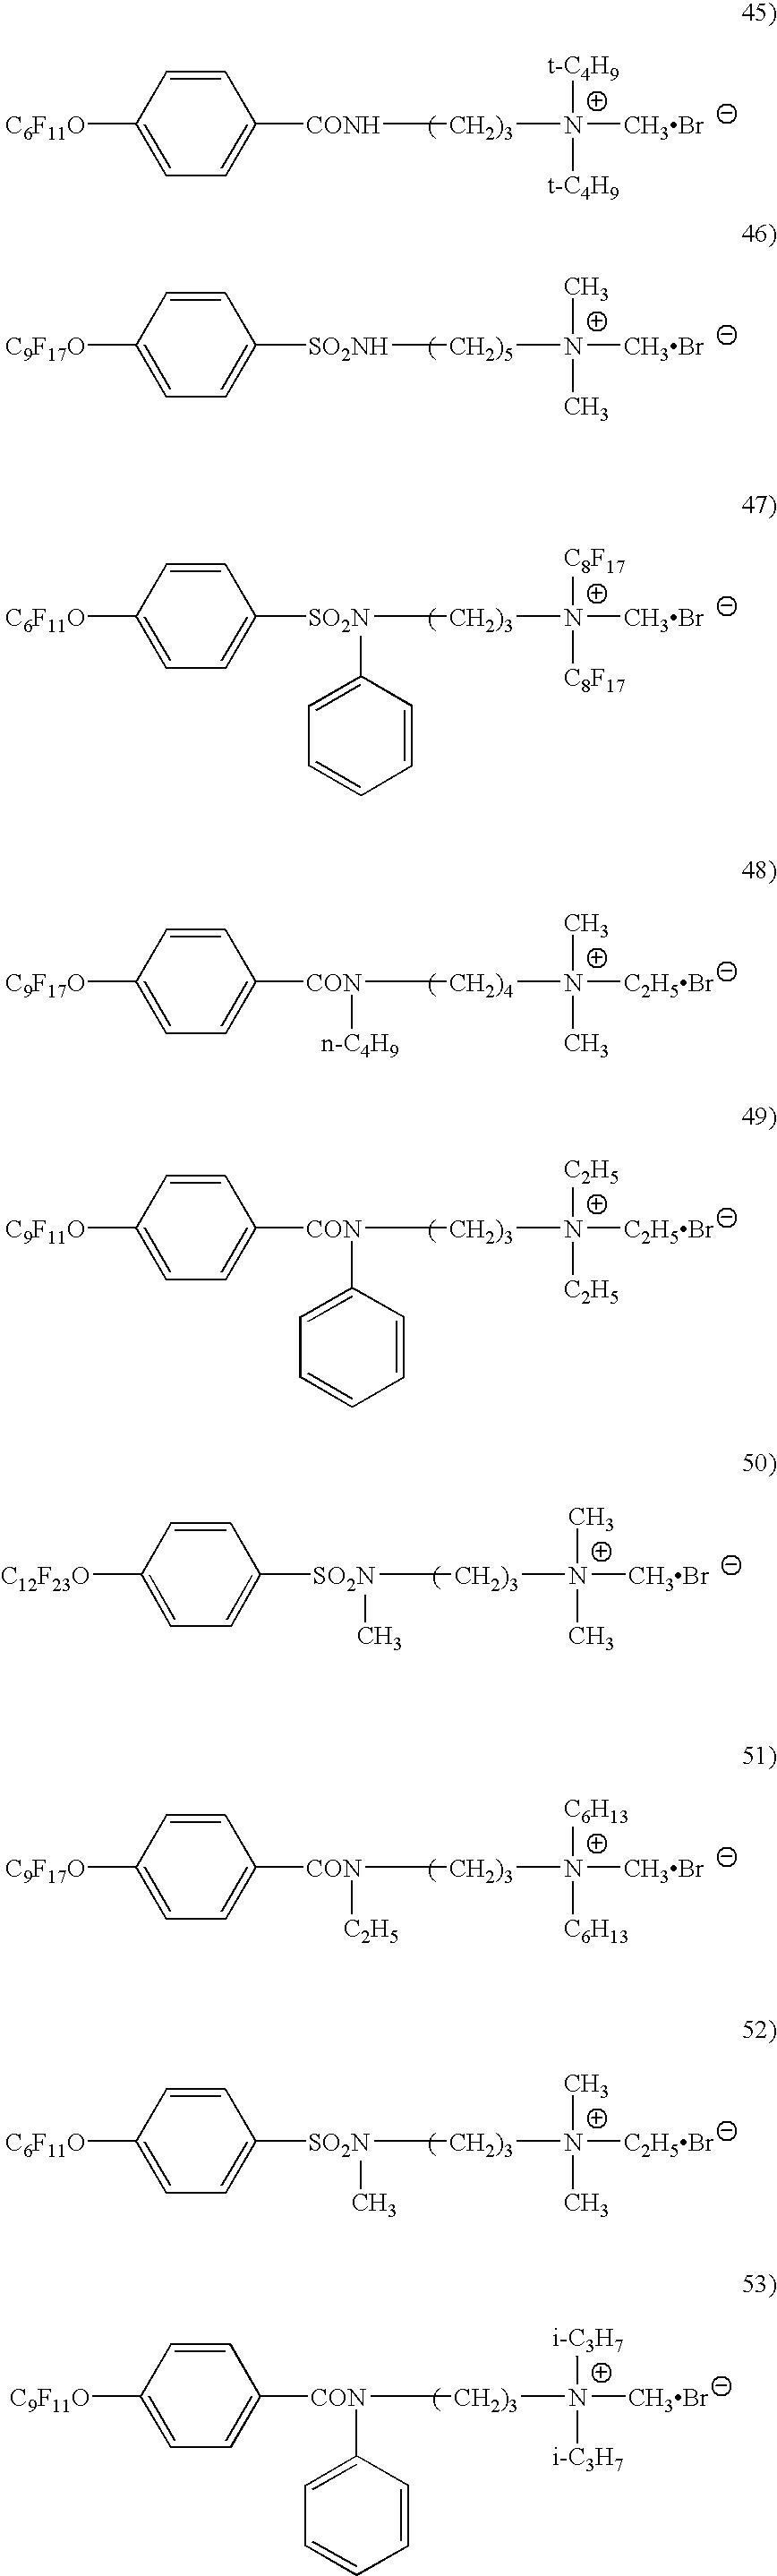 Figure US20050003288A1-20050106-C00008